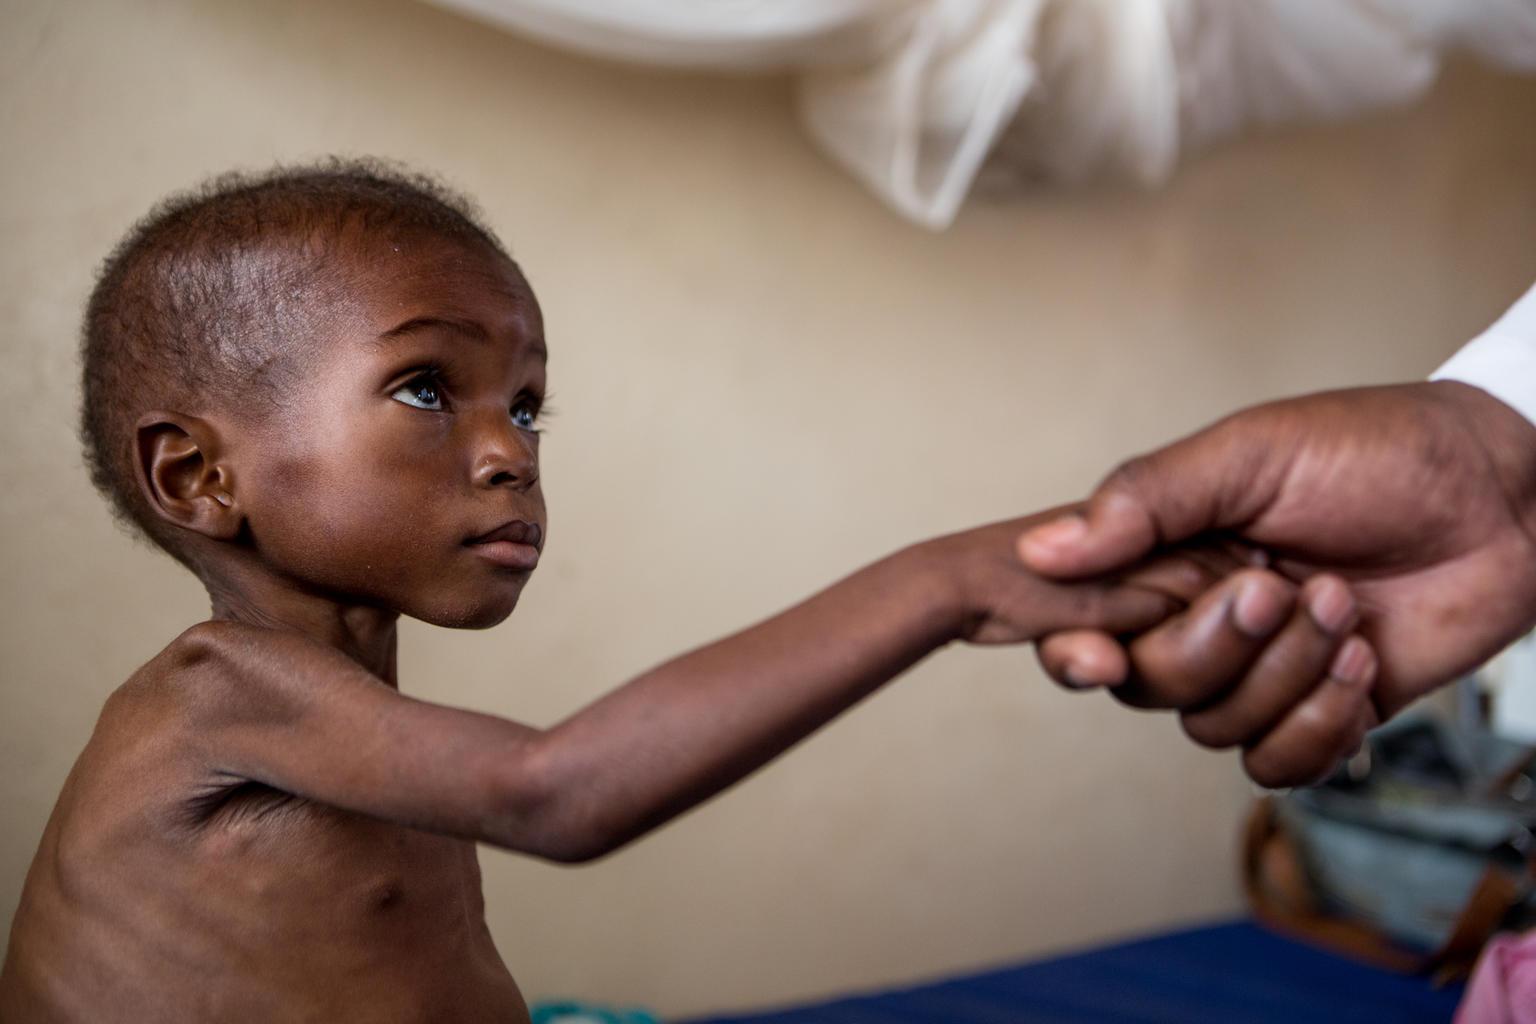 Sult har konsekvenser langt ind i voksenlivet